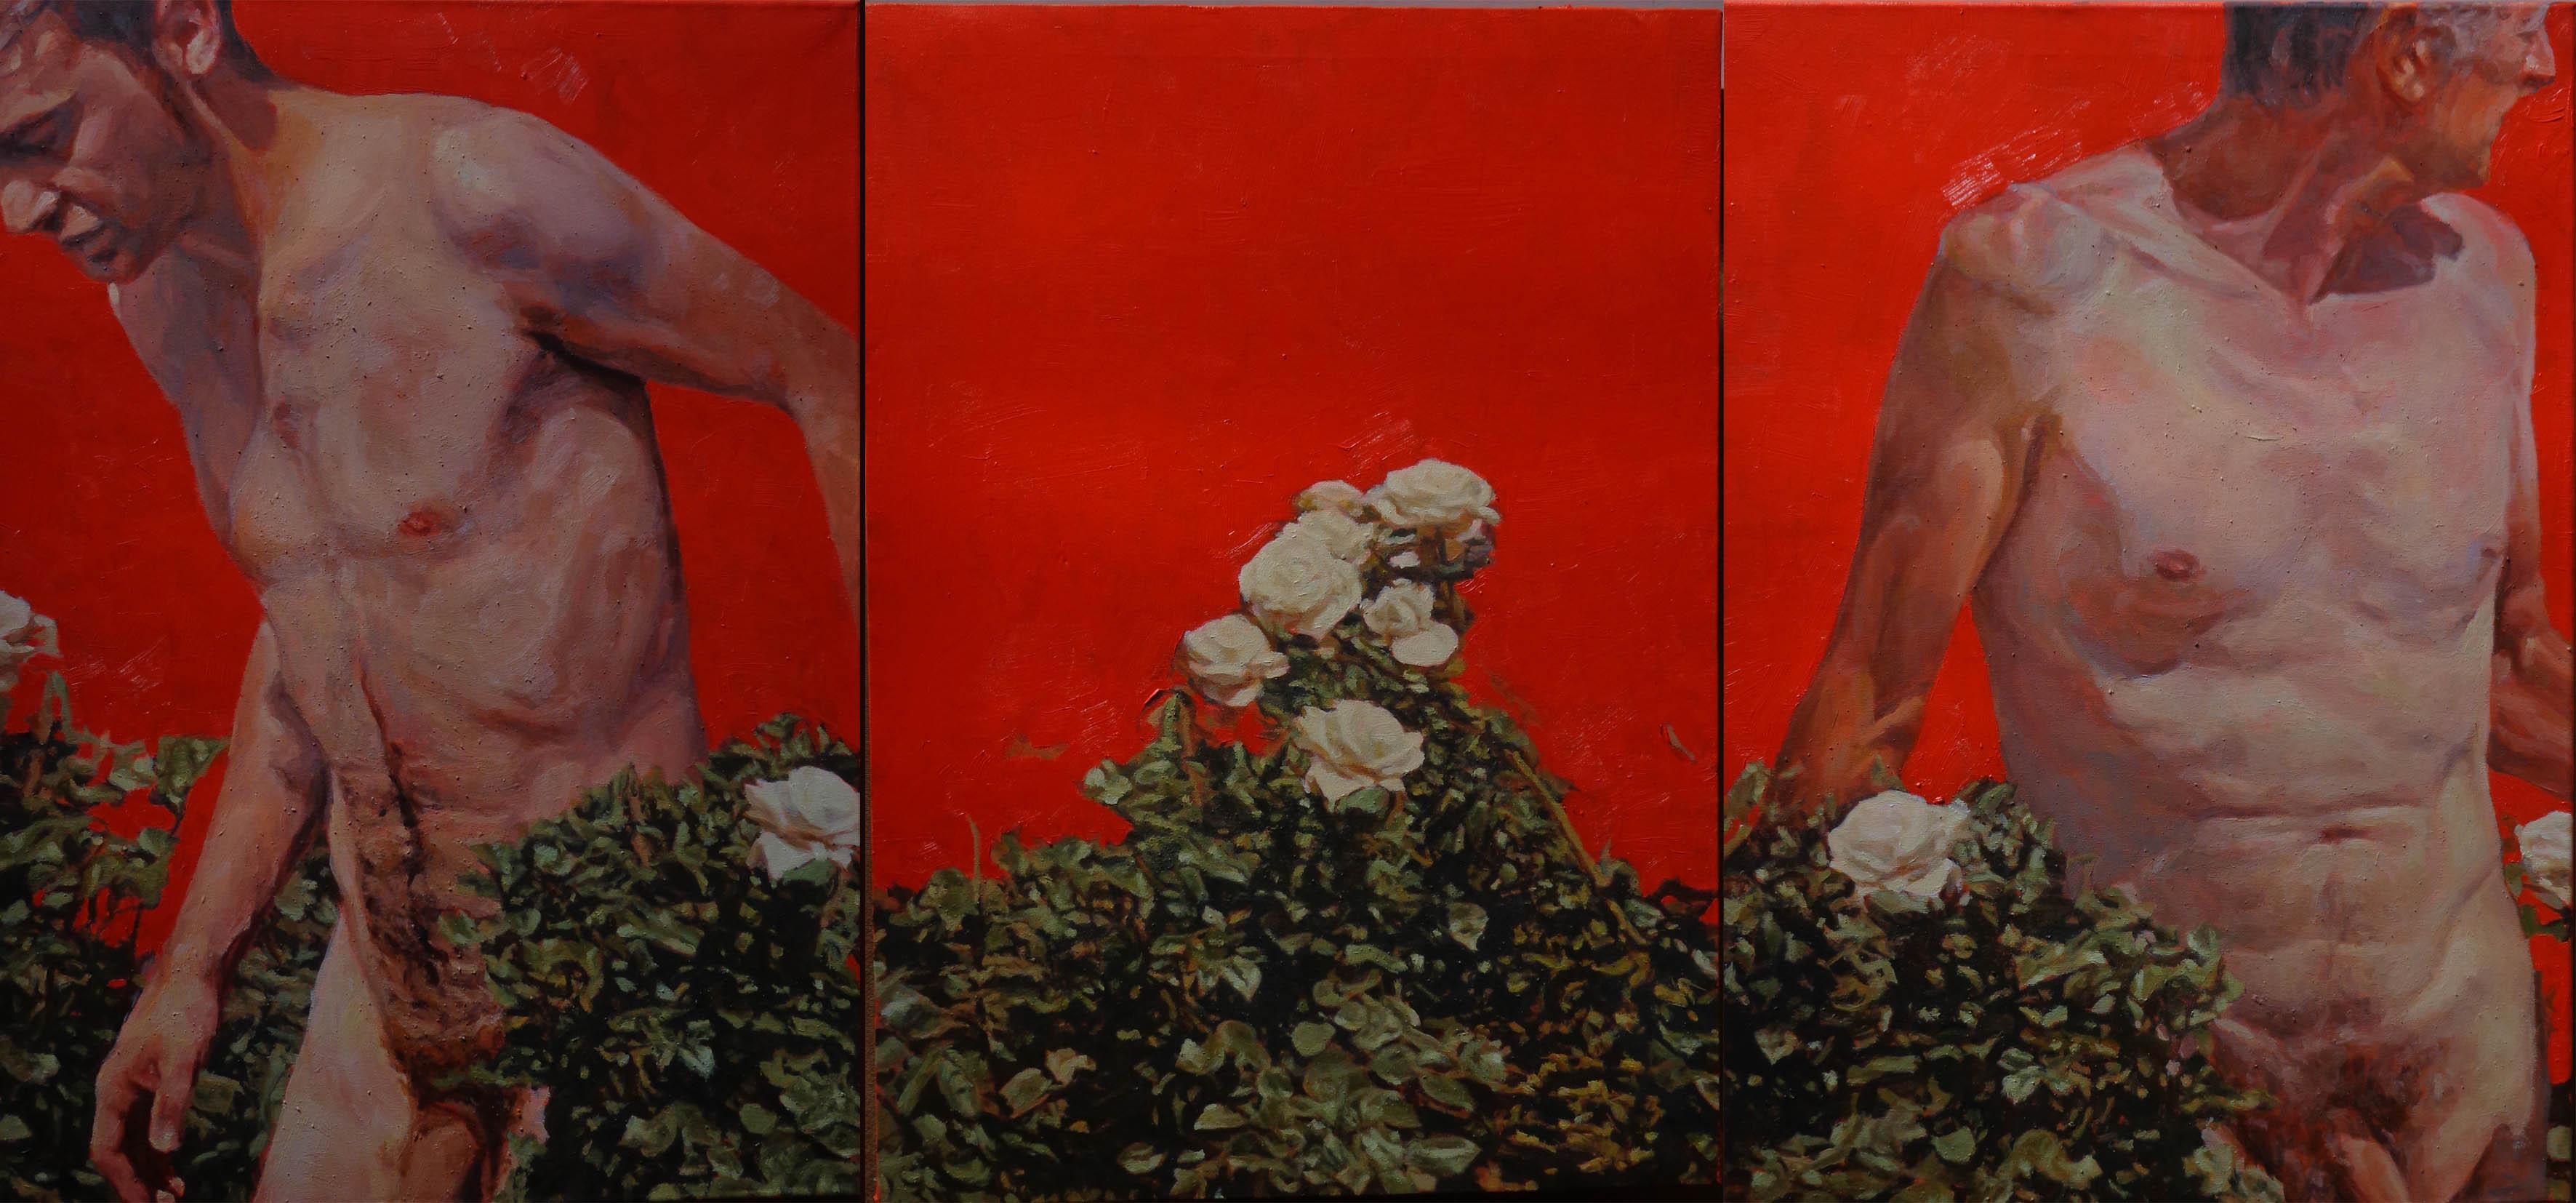 Arreglo Floral n°1 (2018) - Paula Solís Burgos